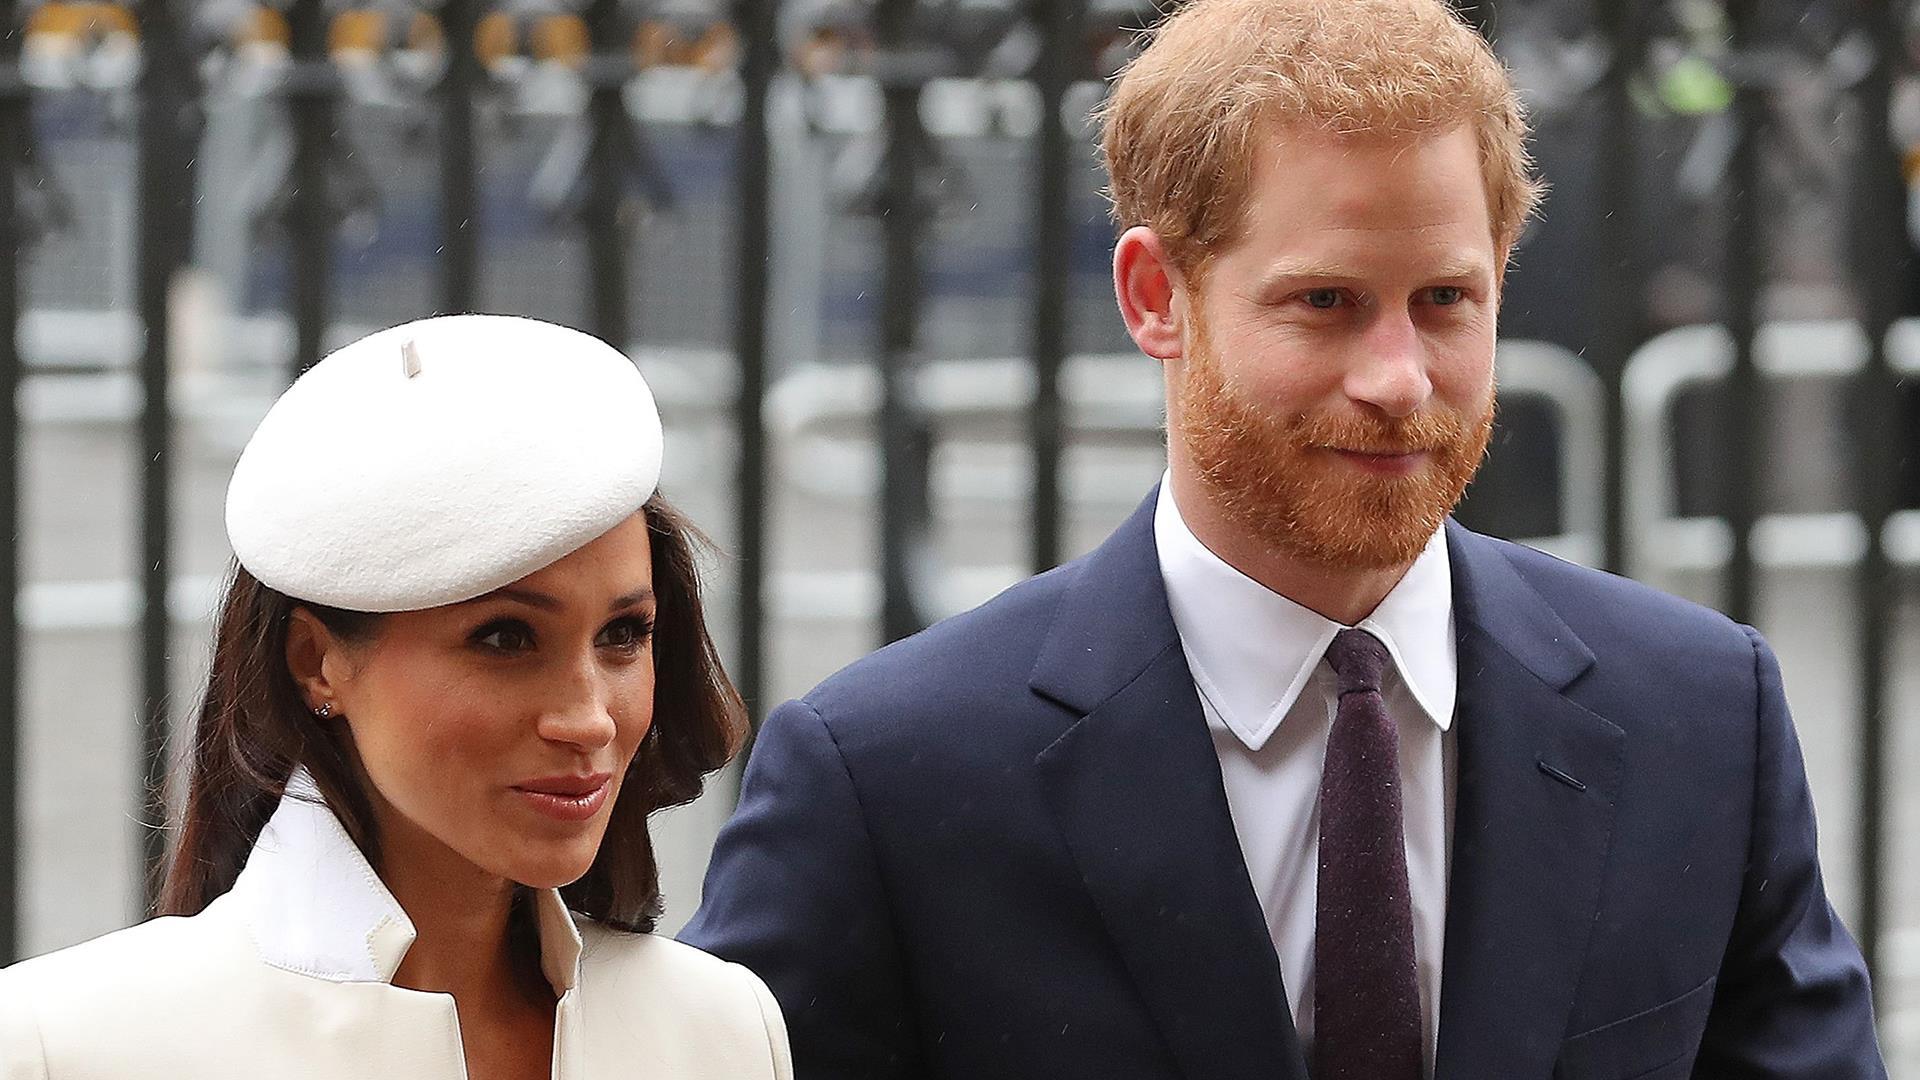 meghan markle and prince harry s wedding cake sounds royally delicious meghan markle and prince harry pick lemon elderflower cake for their wedding